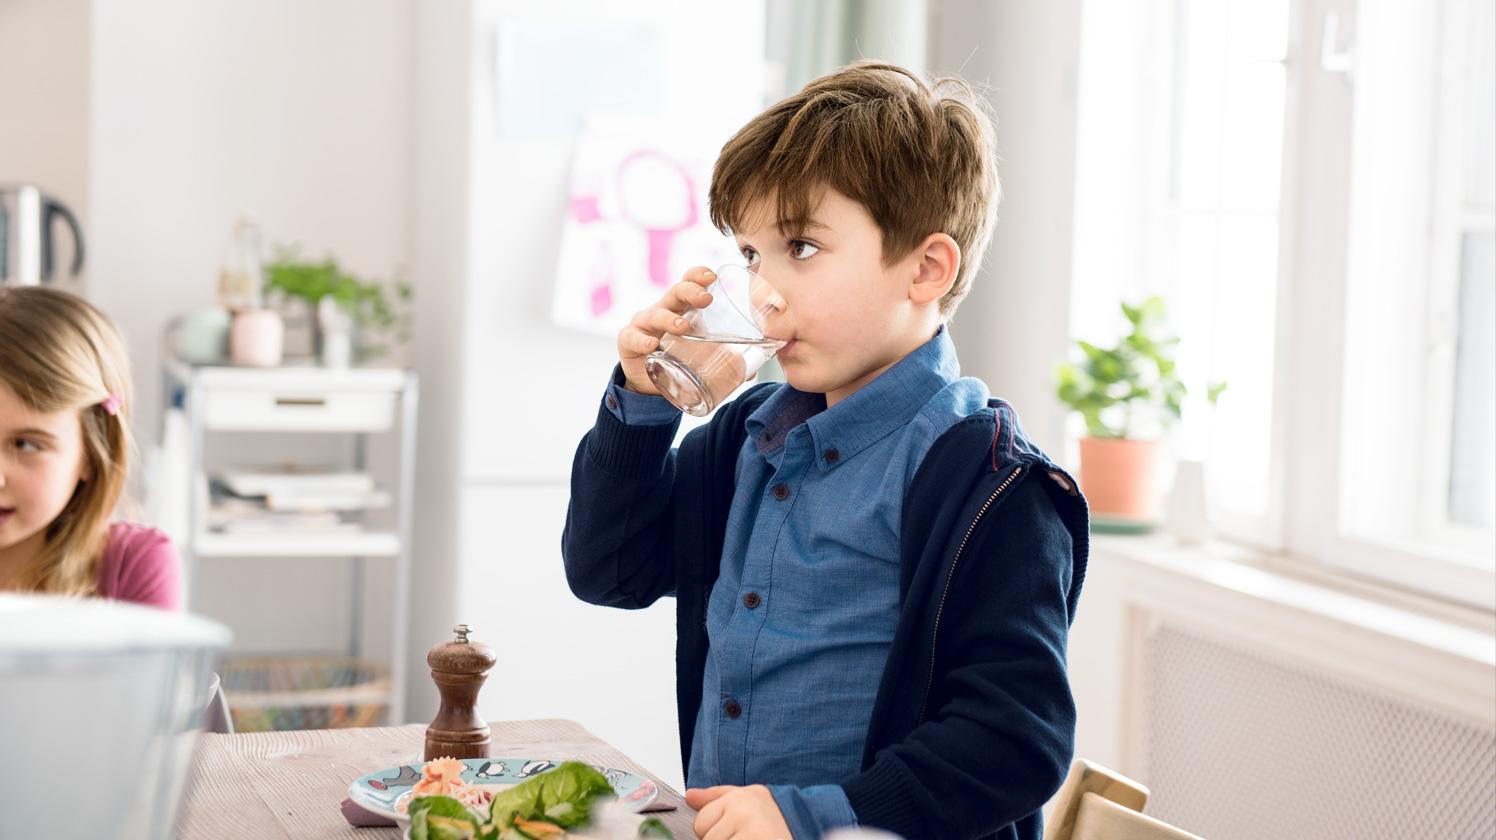 BRITA fabbisogno idrico personale ragazzo beve